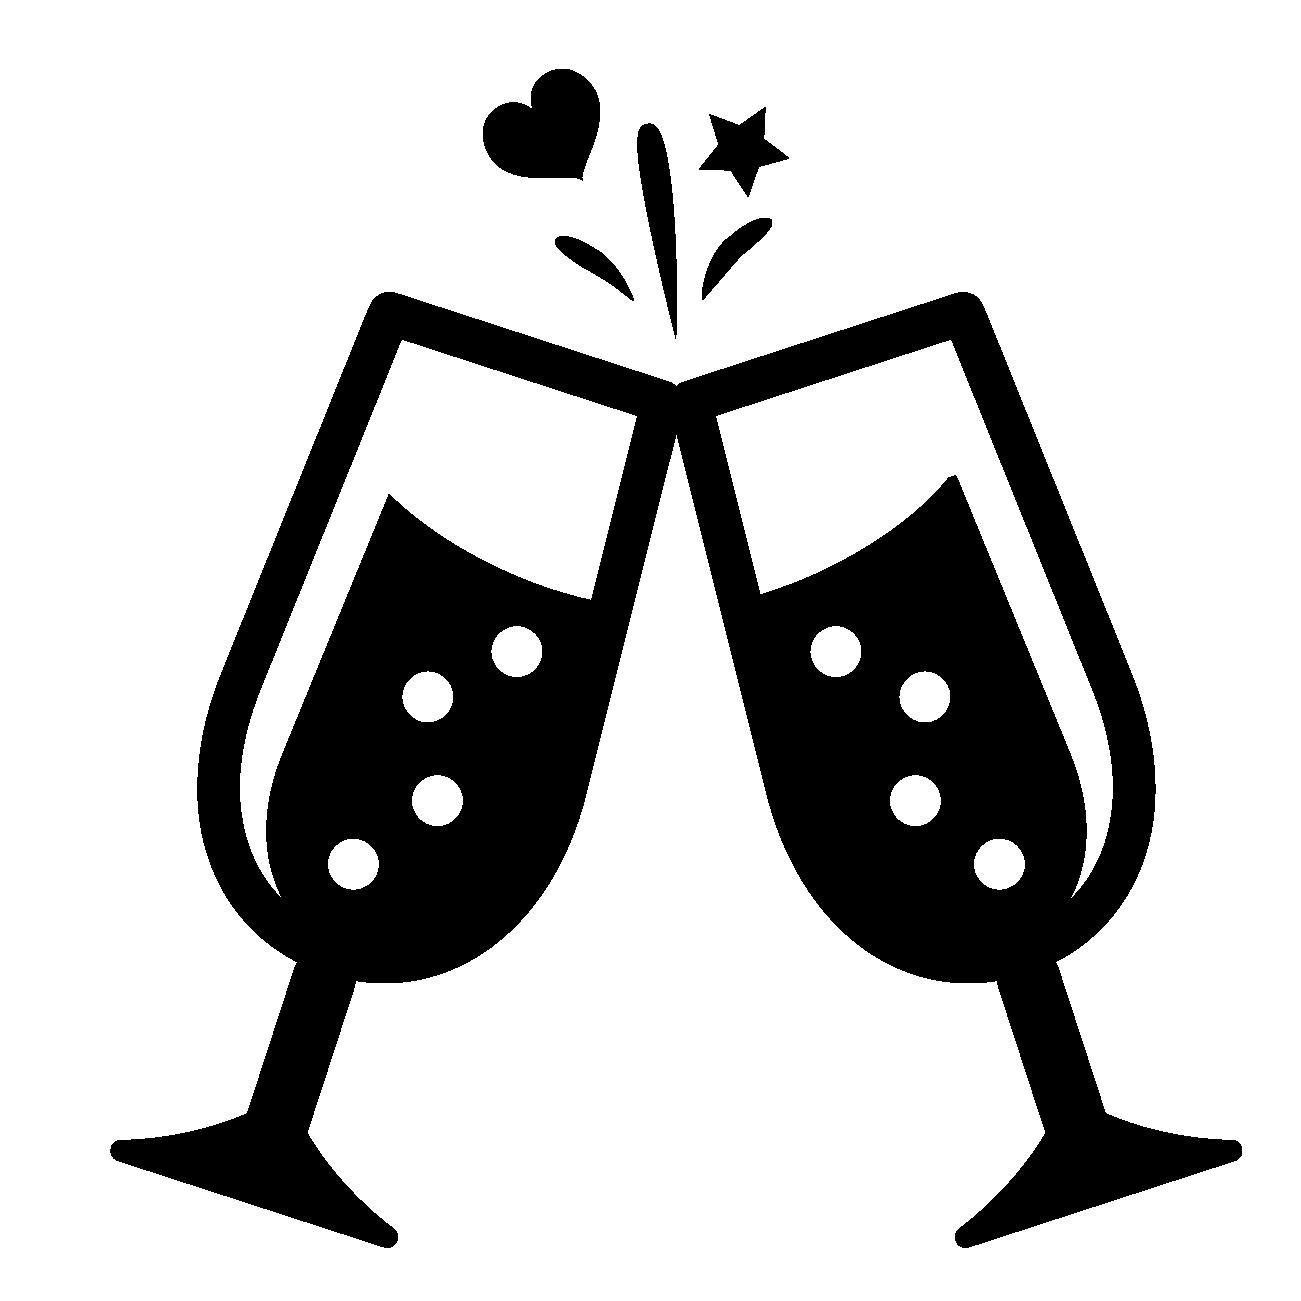 イベントカテゴリーのロゴ|大阪で婚活イベント(婚活パーティーや趣味コン)なら一期一会